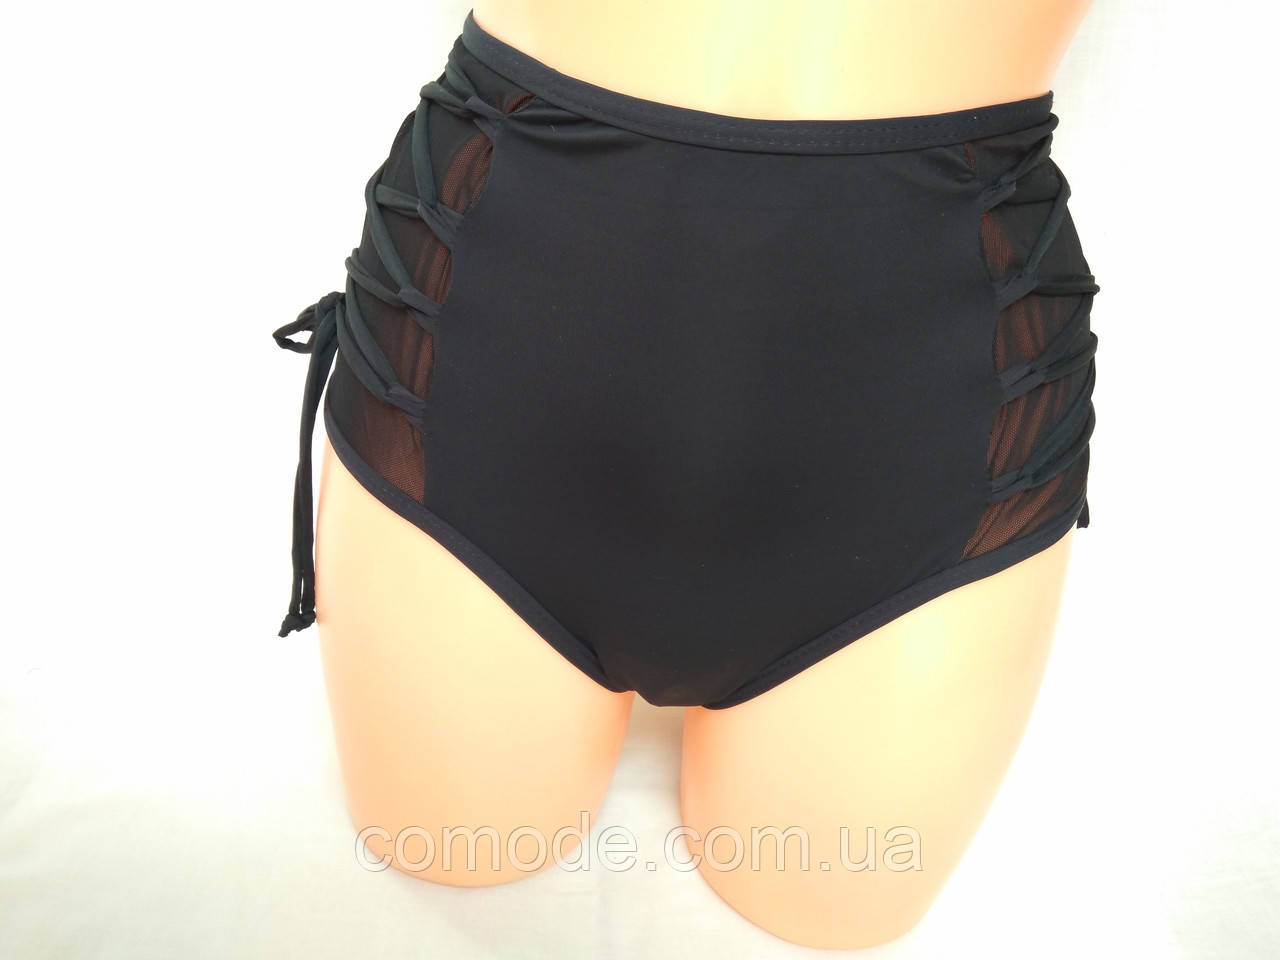 Плавки женские с завышеной талией однотонные черные c сеточкой и шнуровкой